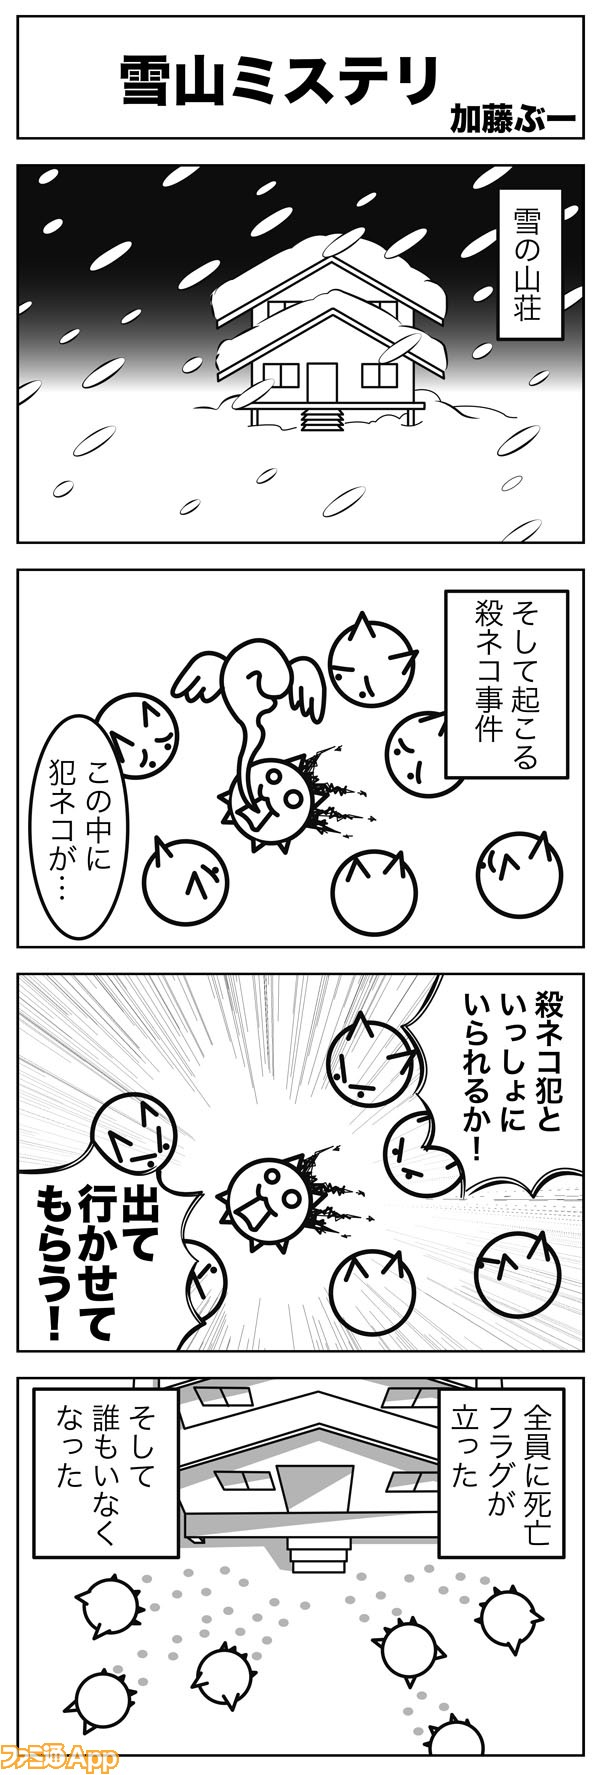 04kato-070